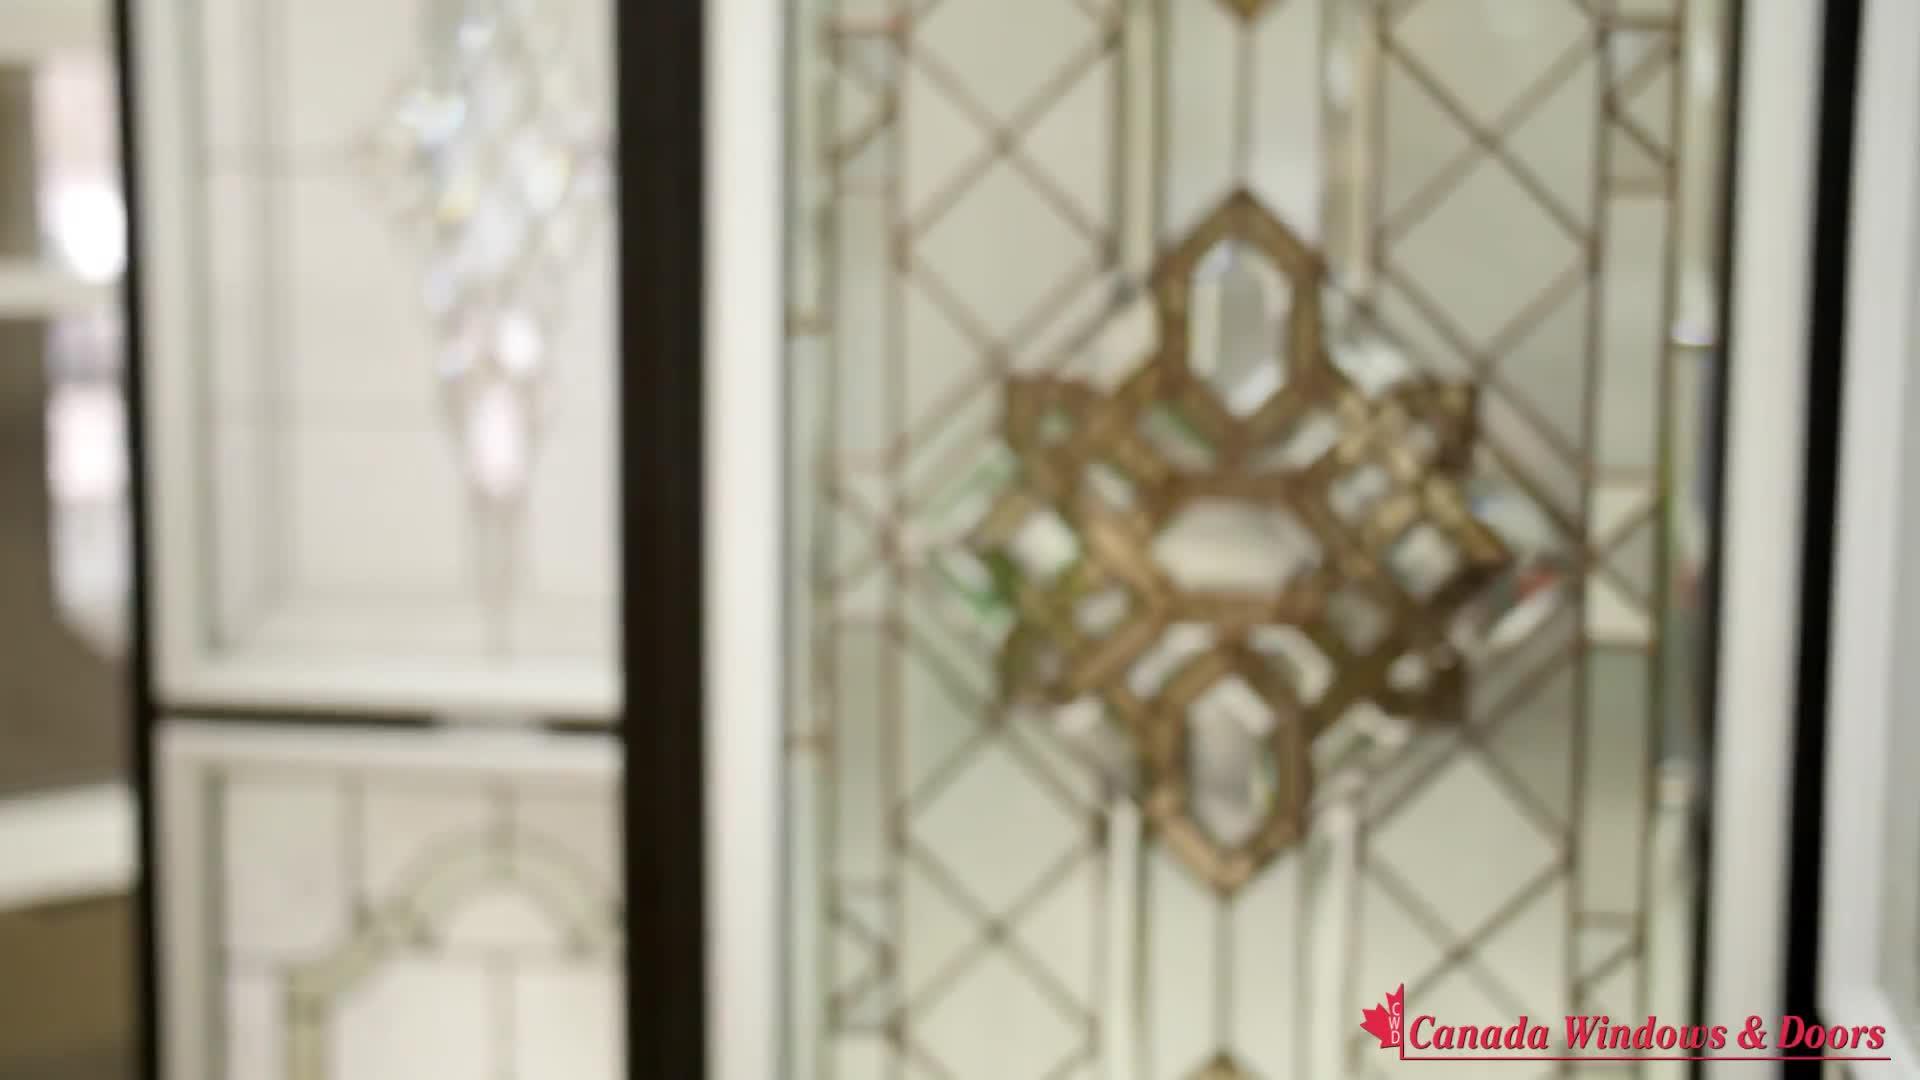 Canada Windows & Doors - Doors & Windows - 905-665-1506